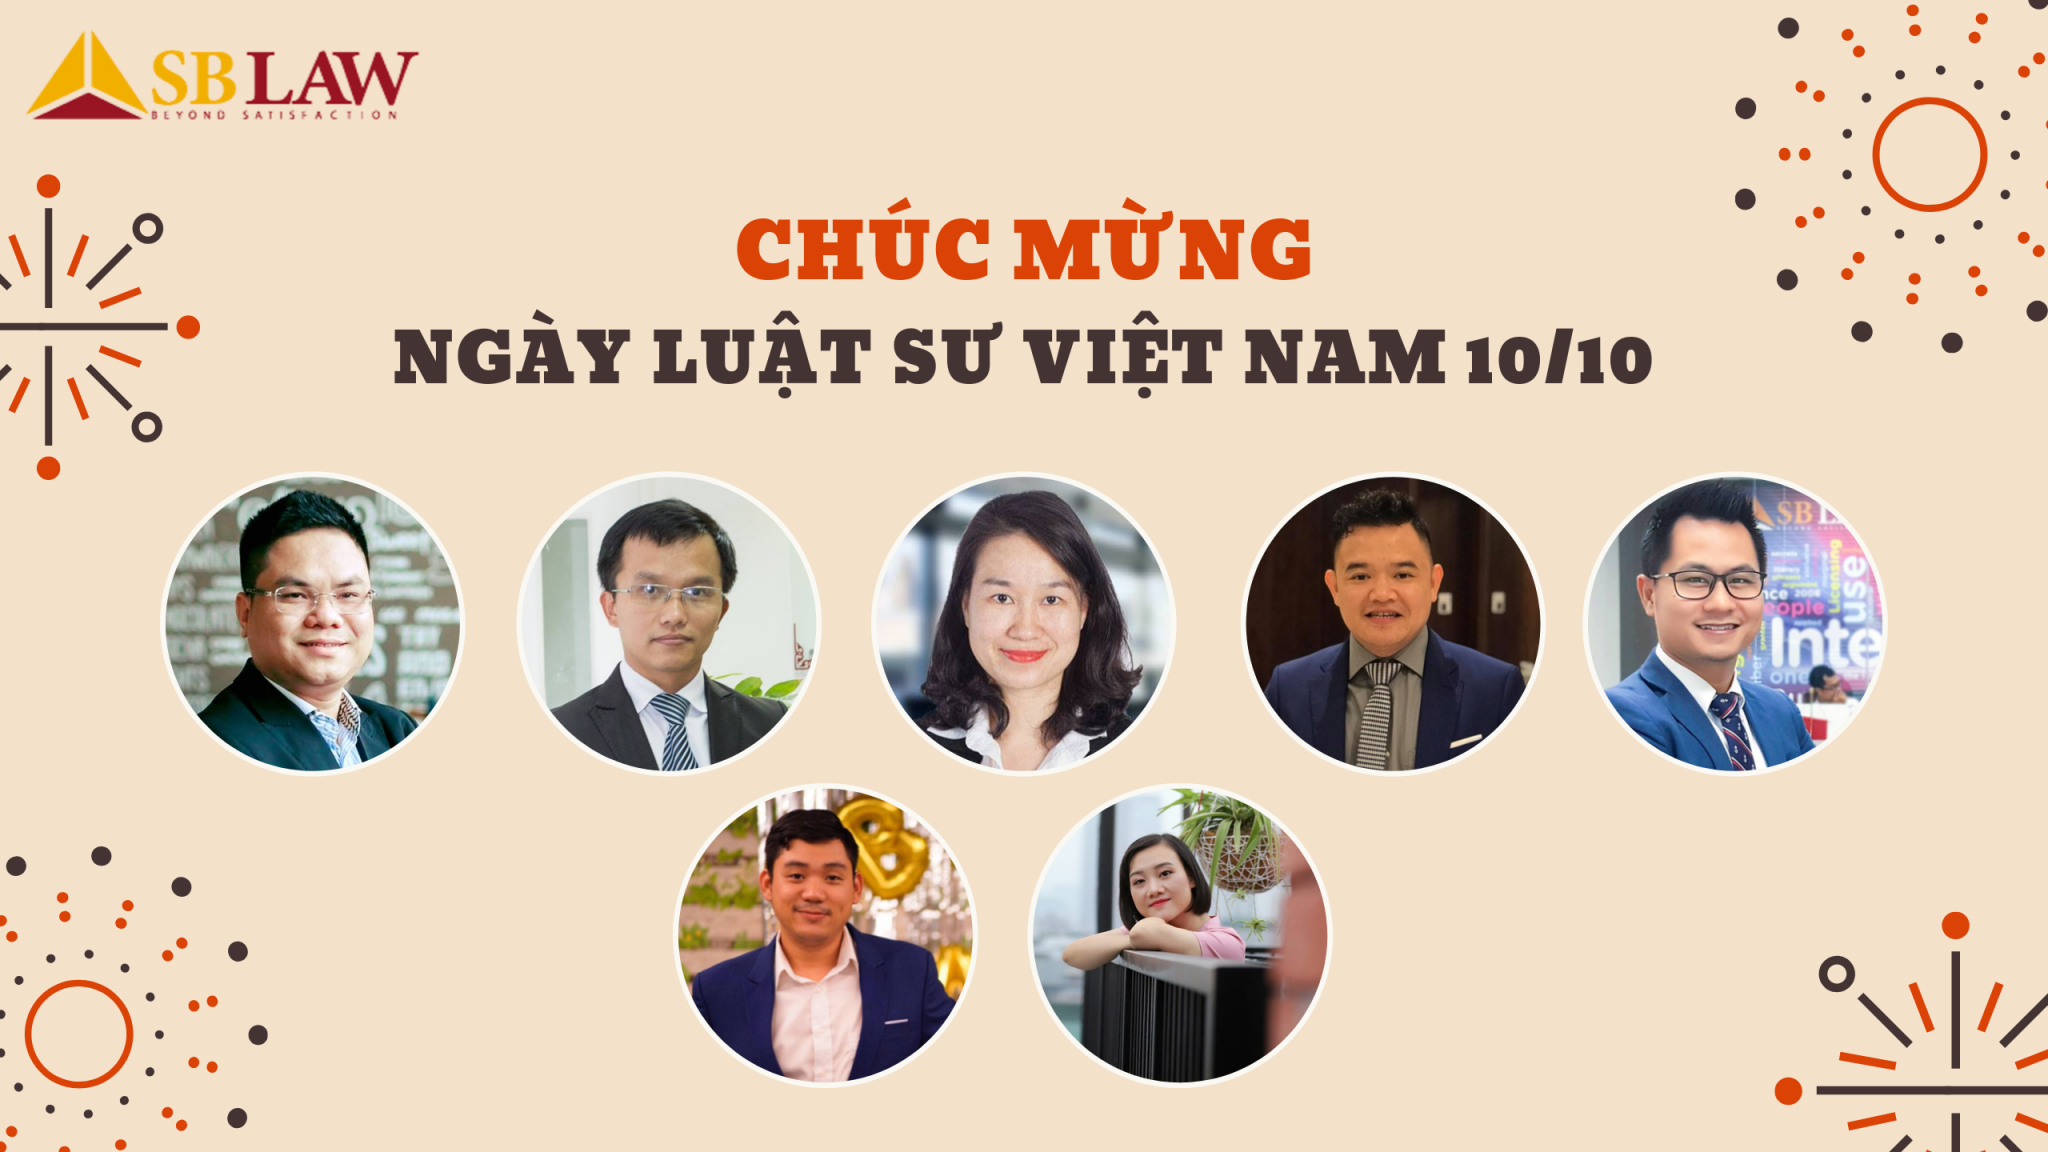 Chúc mừng ngày luật sư Việt Nam